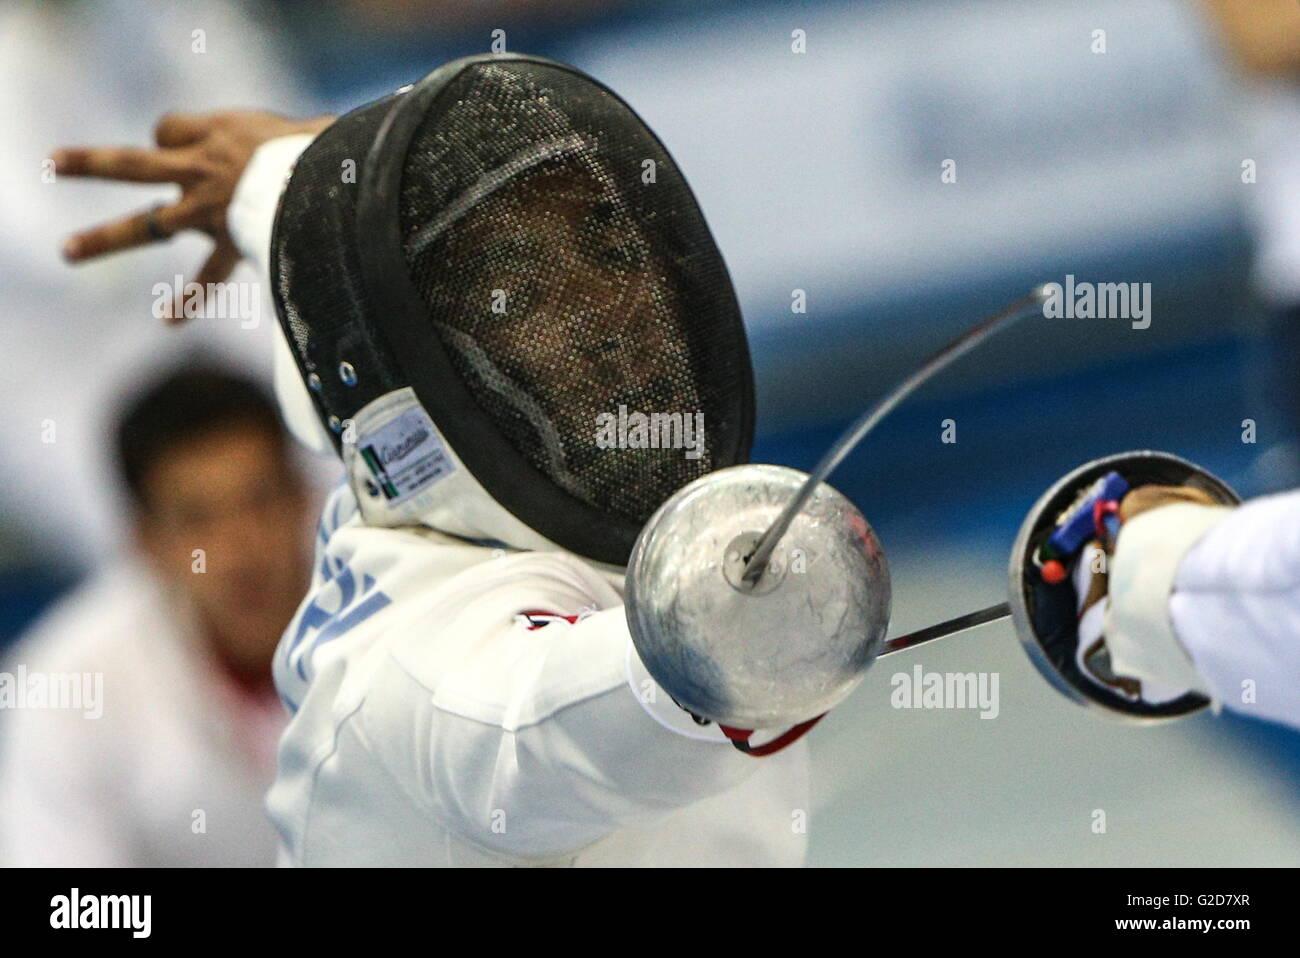 Mosca, Russia - 28 Maggio 2016: Pentathlete Amro El Geziry d'Egitto compete nel caso di scherma di uomini le Immagini Stock